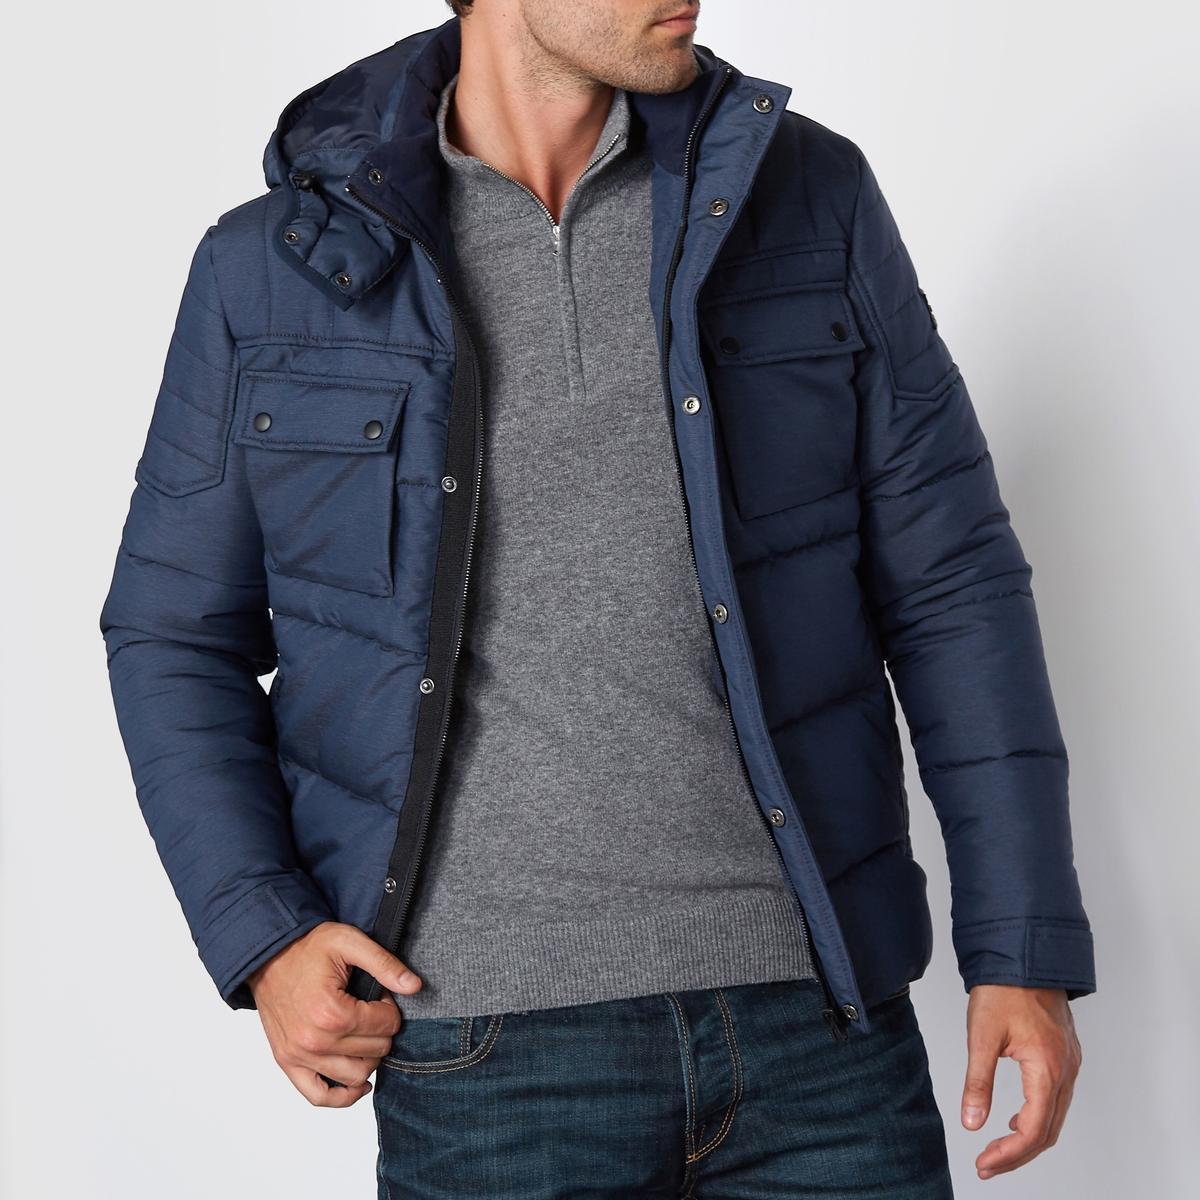 Куртка стеганая с капюшоном со стеганым эффектомСтеганая куртка с капюшоном со стеганым эффектом JACK &amp; JONES. Длинные рукава. Прямой покрой, воротник-стойка, с капюшоном и планка с кнопками. Застежка на молнию и кнопки спереди. Нагрудный карман с клапаном на кнопке и планка с кнопками внизу рукава.  Вставка на плечах. Состав и описаниеМатериал : 100% полиэстерМарка : JACK &amp; JONES<br><br>Цвет: темно-синий,черный<br>Размер: L